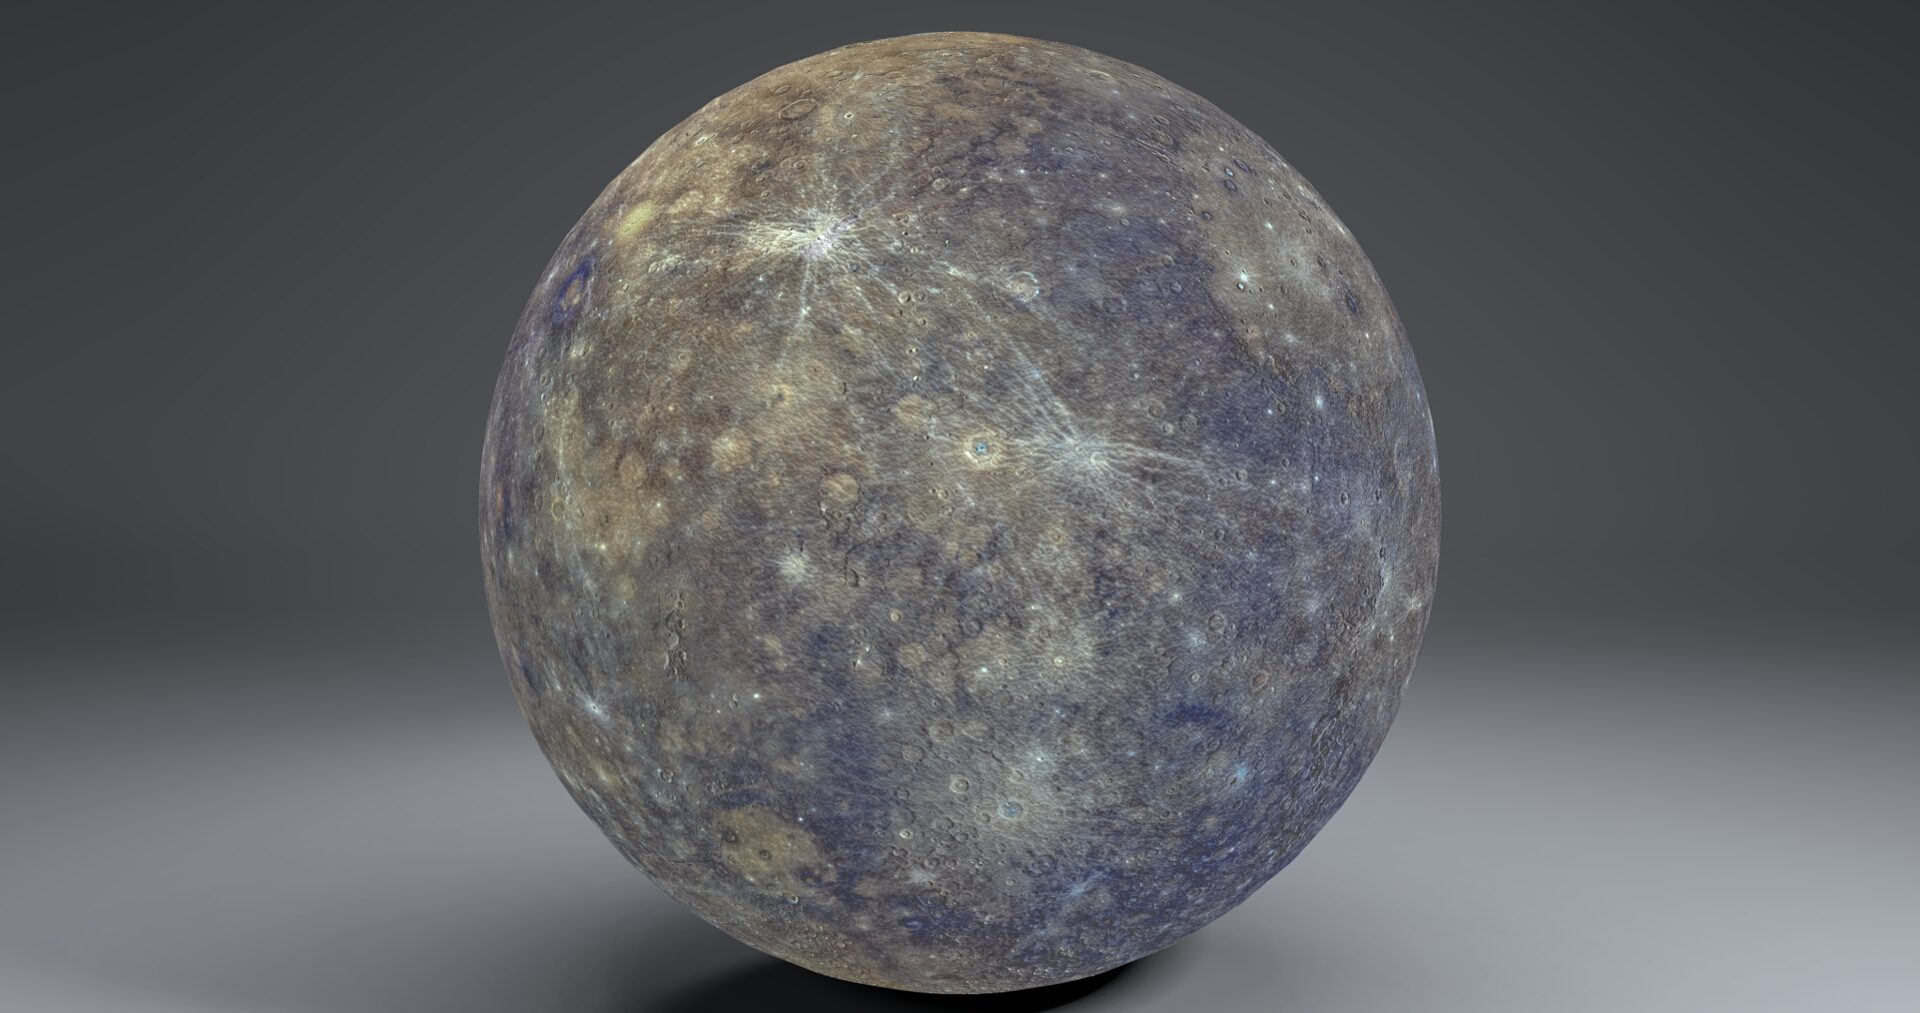 mercury 4k globe 3d model 3ds fbx blend dae obj 252188